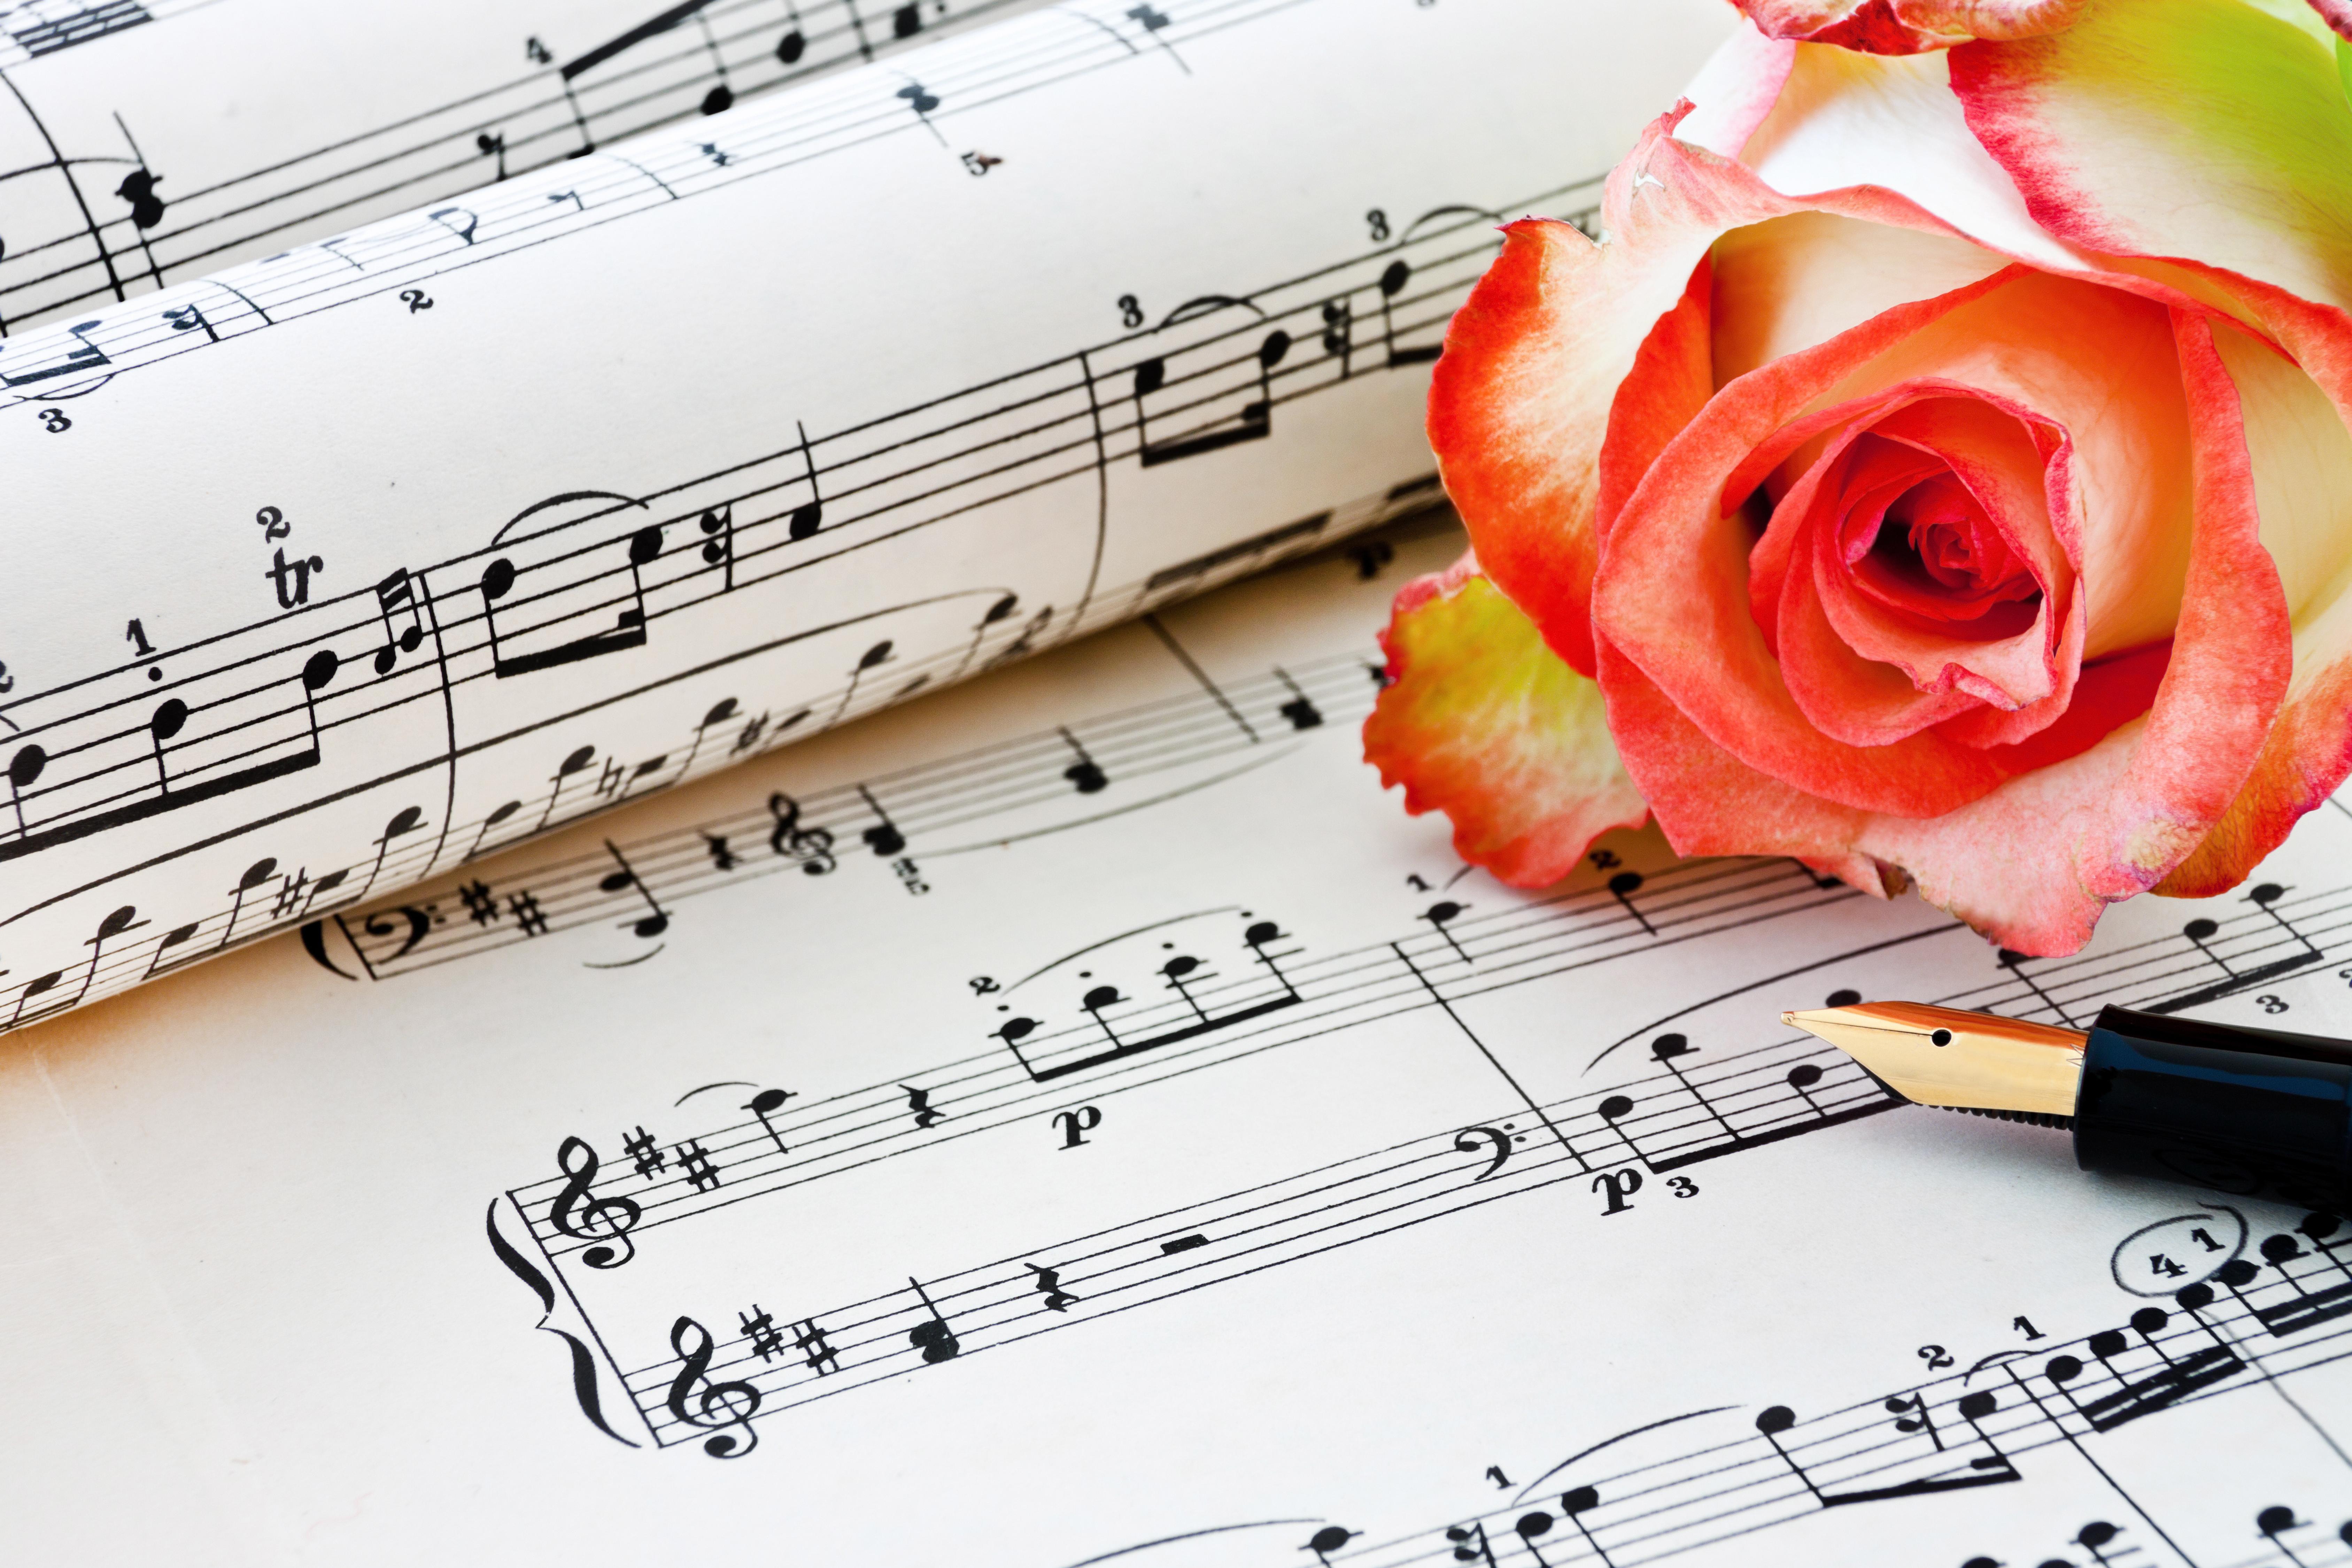 картинки с тематикой музыки перламутр качестве основного